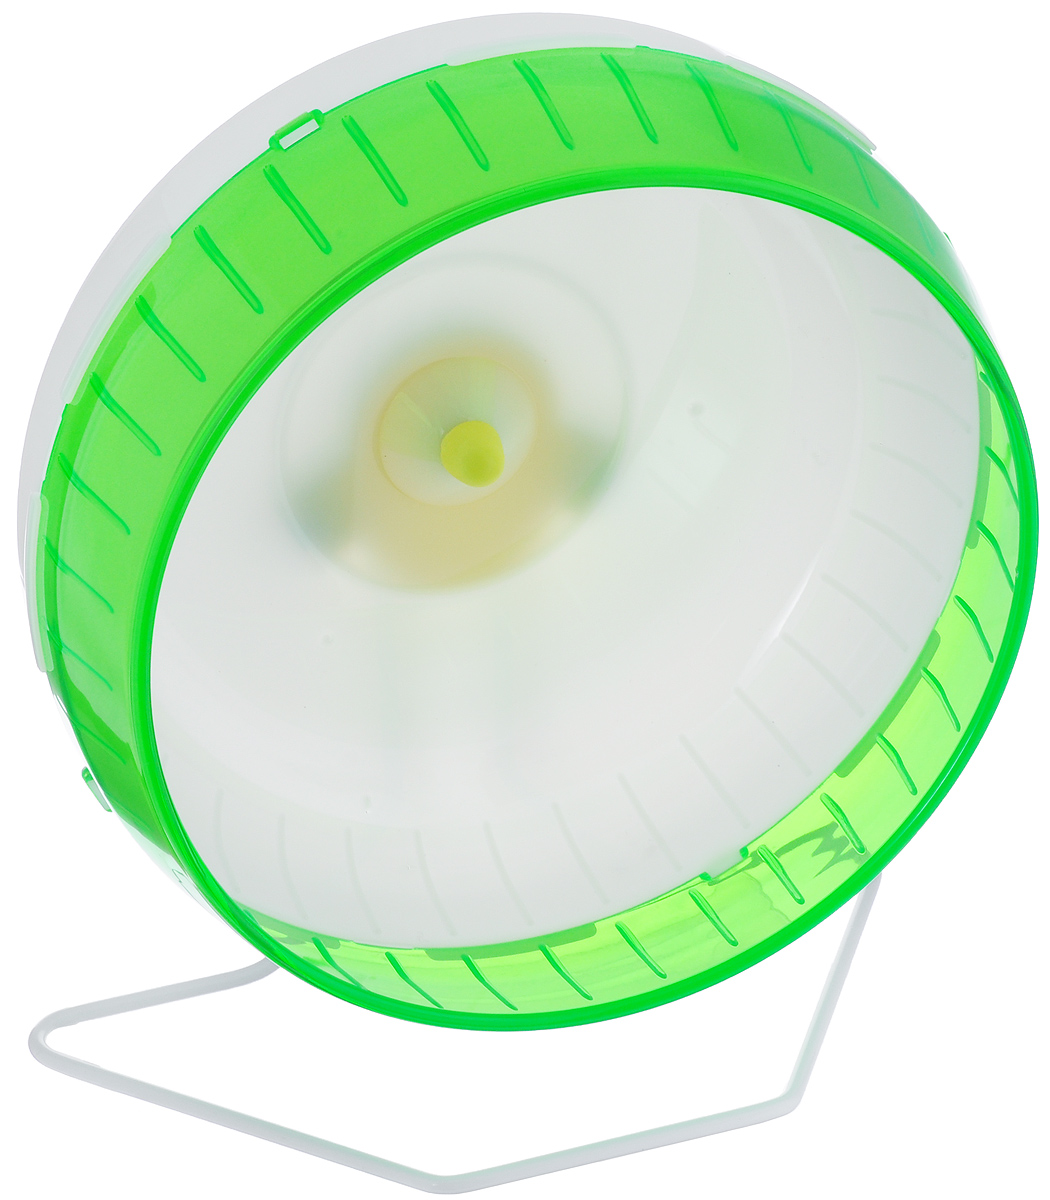 Колесо для грызунов I.P.T.S., цвет: белый, зеленый, 29 см0120710Колесо для грызунов I.P.T.S. - удобно и бесшумно, с высоким уровнем безопасности. Поместив его в клетку, вы обеспечите своему питомцу необходимую физическую активность. Сплошная внутренняя поверхность без щелей убережет питомца от возможных травм. Можно установить на подставку или прикрепить к решетке. Колесо можно использовать для сирийских хомяков, дегу, крыс или молодых шиншилл. Диаметр колеса: 29 см.